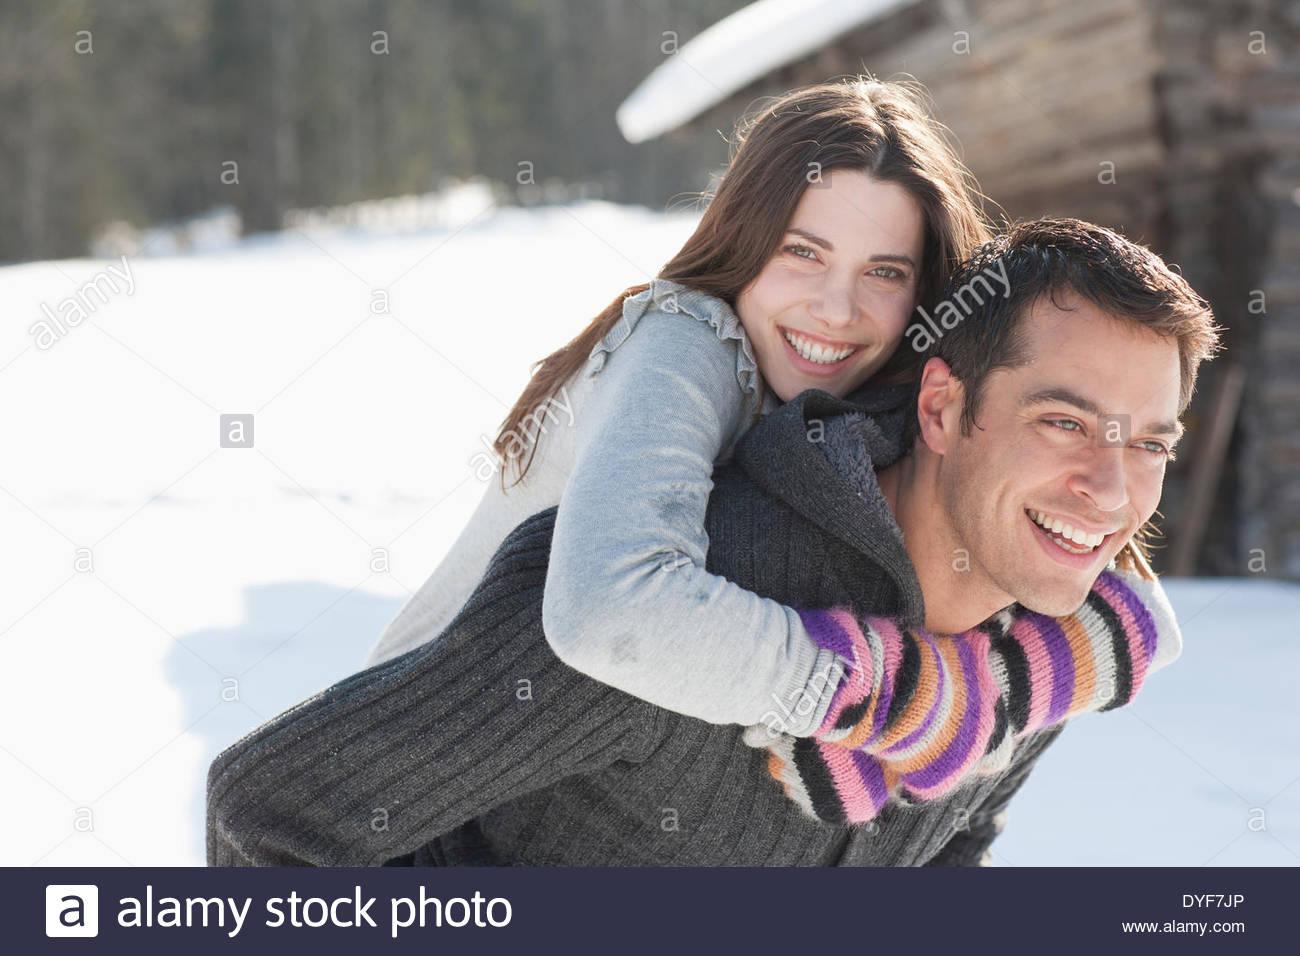 Hombre haciendo novia piggyback ride Imagen De Stock